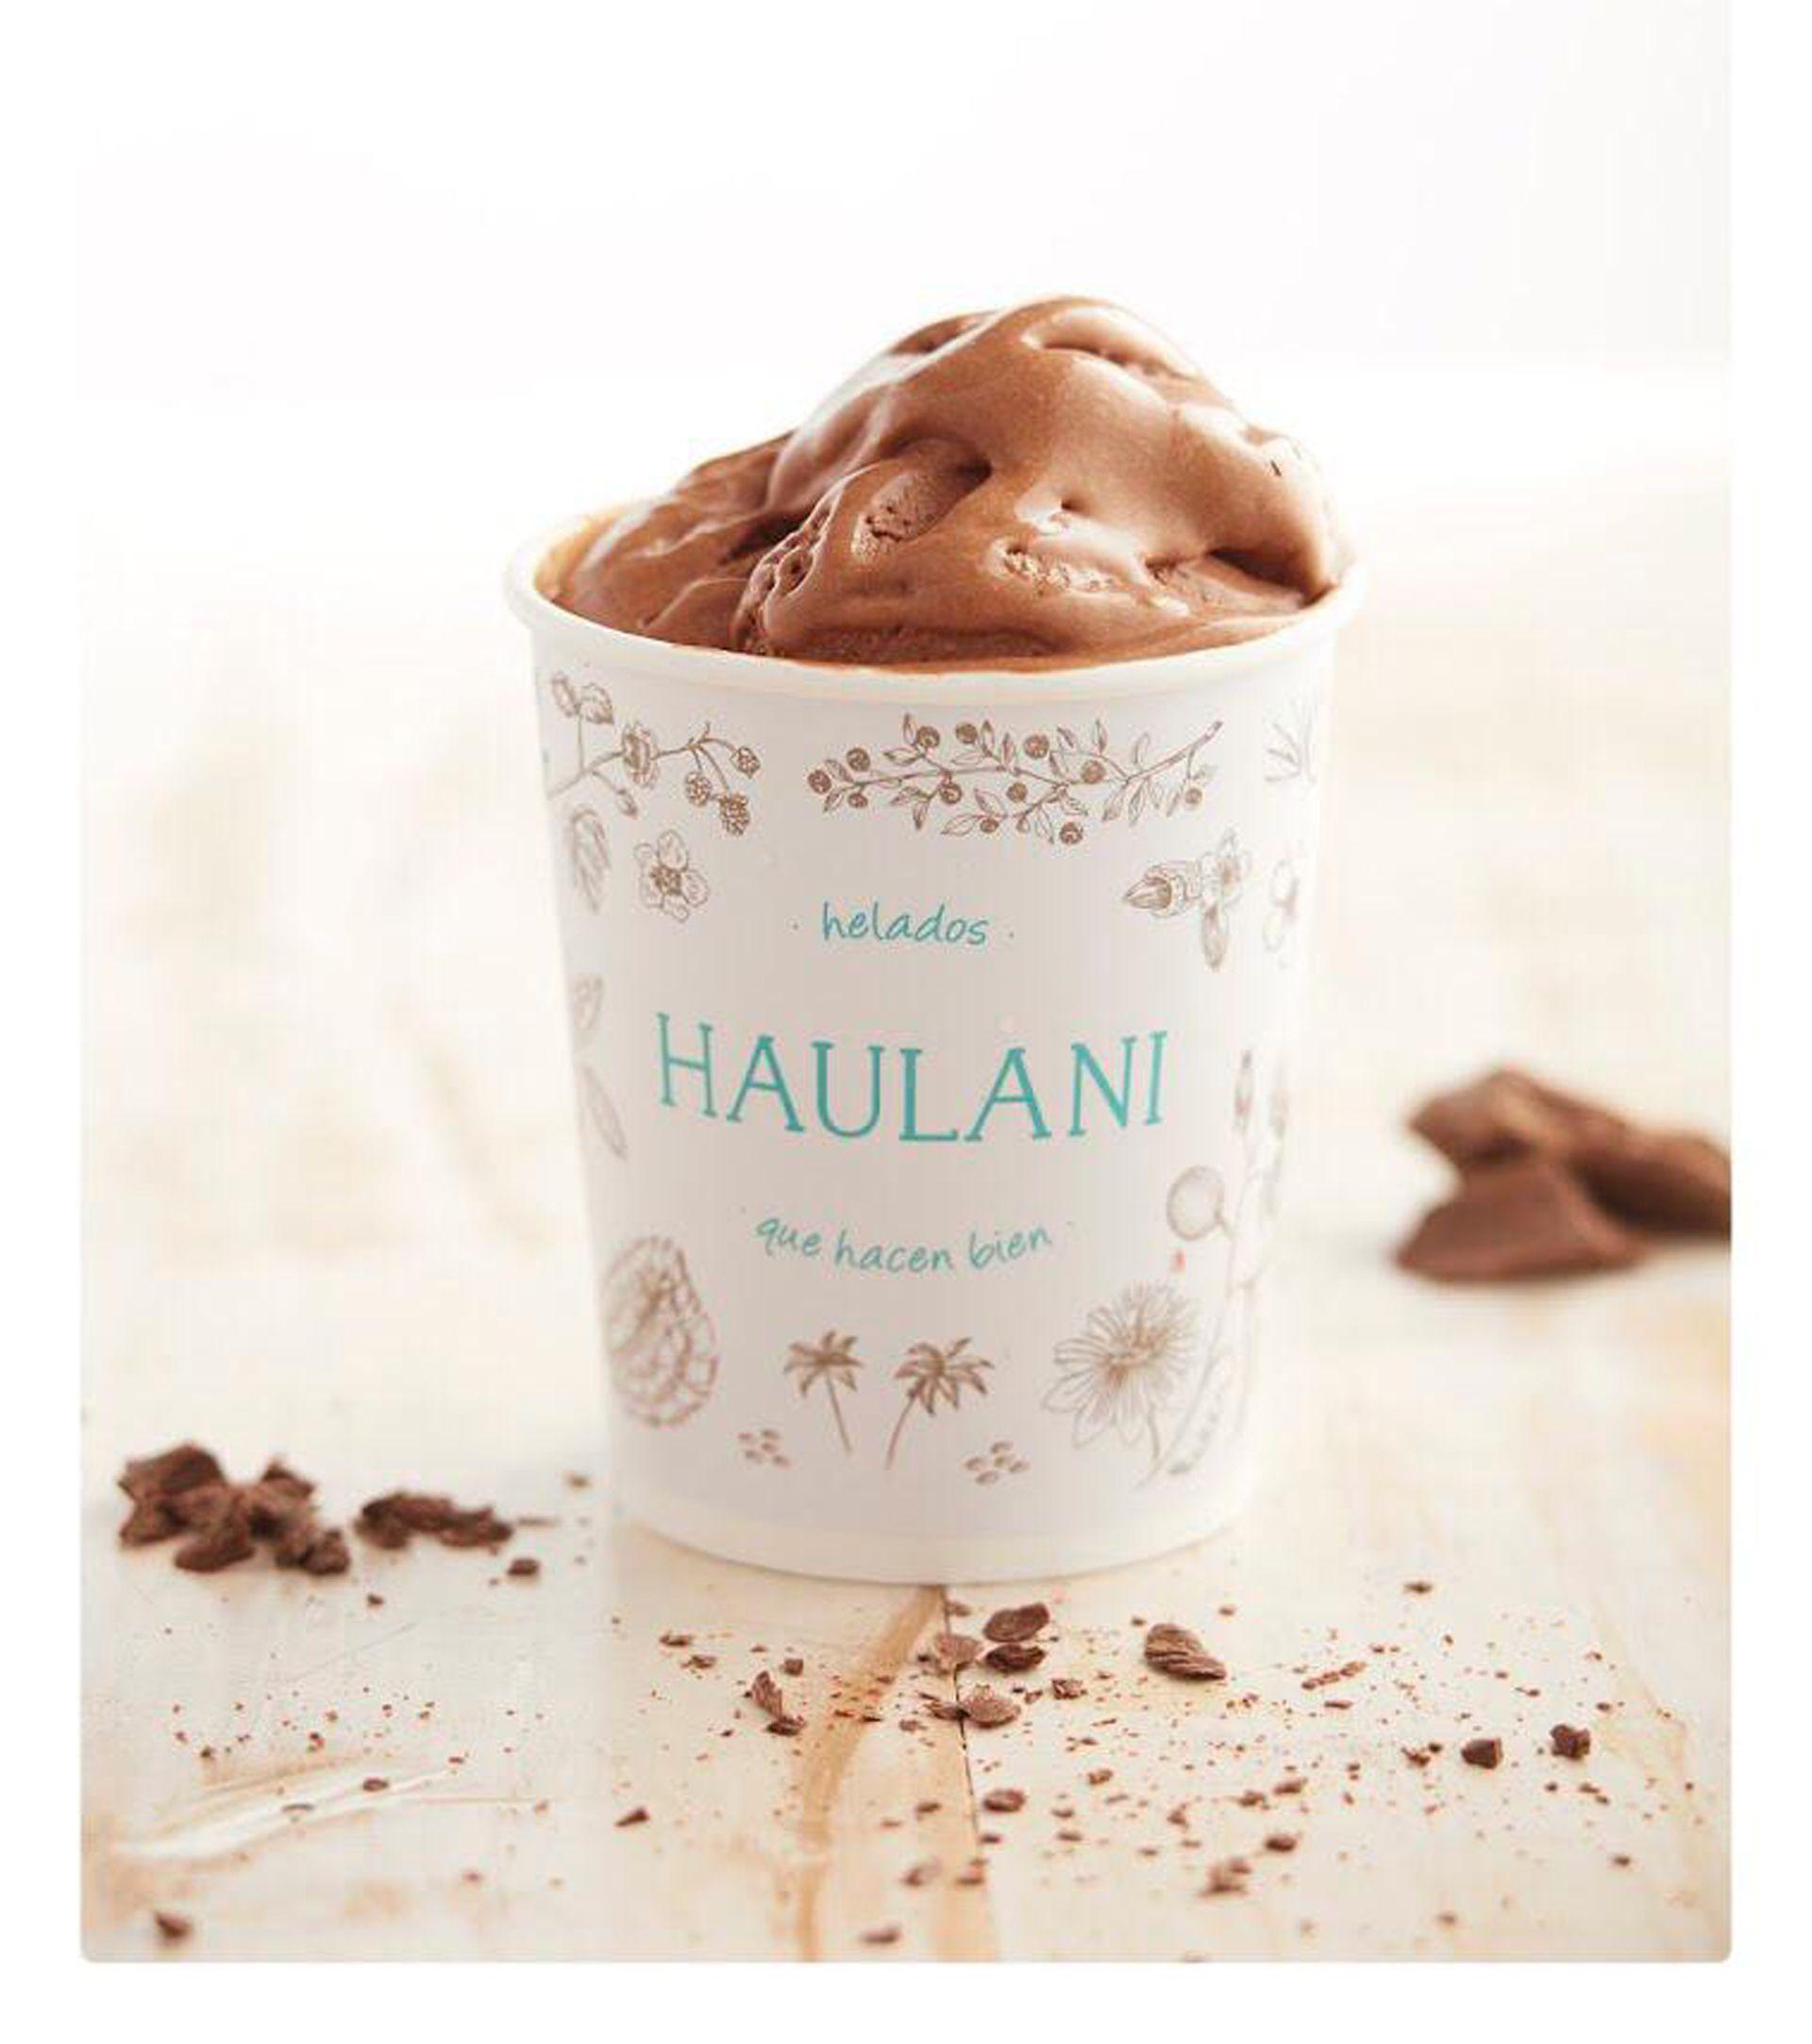 El pote de chocolate con leche de almendras, un clásico de Haulani